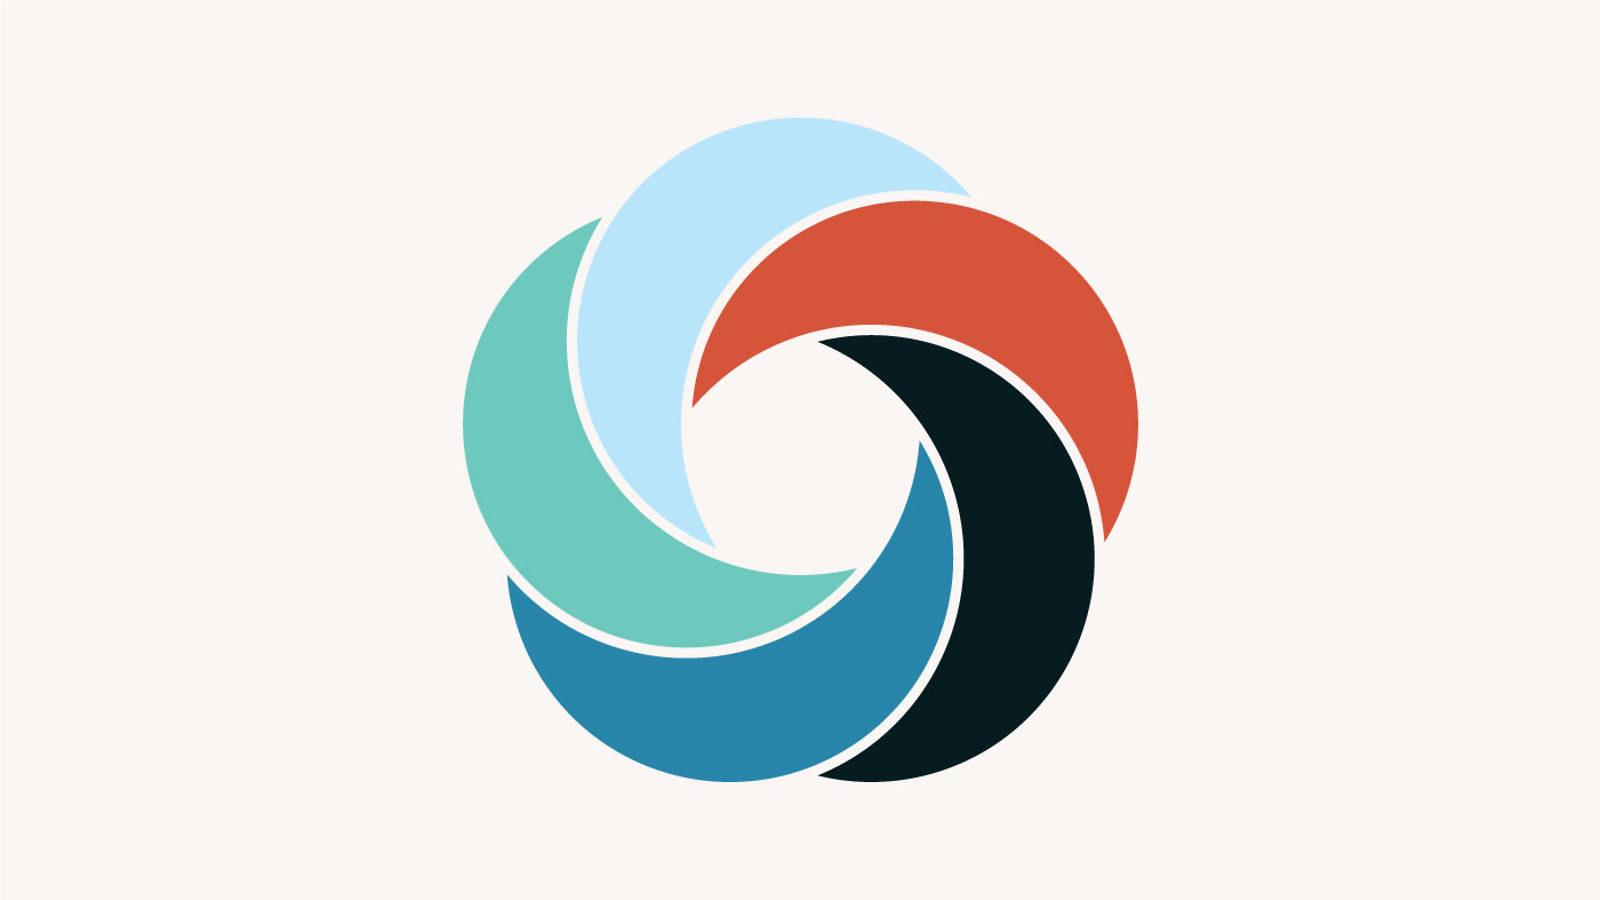 Image: P5 logo